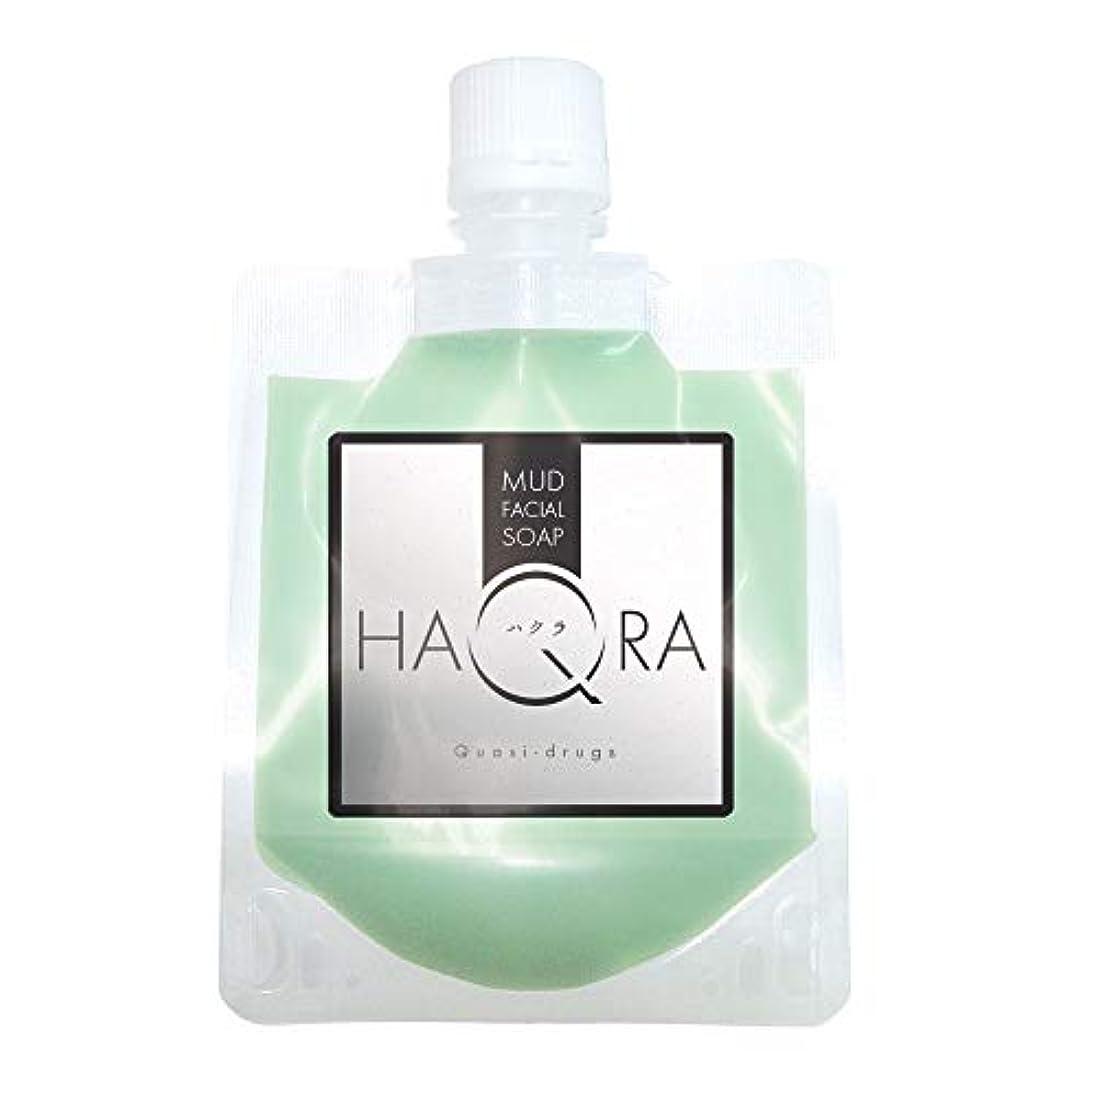 収容する再生的魔術師ハクラ HAQRA クレイ洗顔 泥洗顔 石鹸 石けん